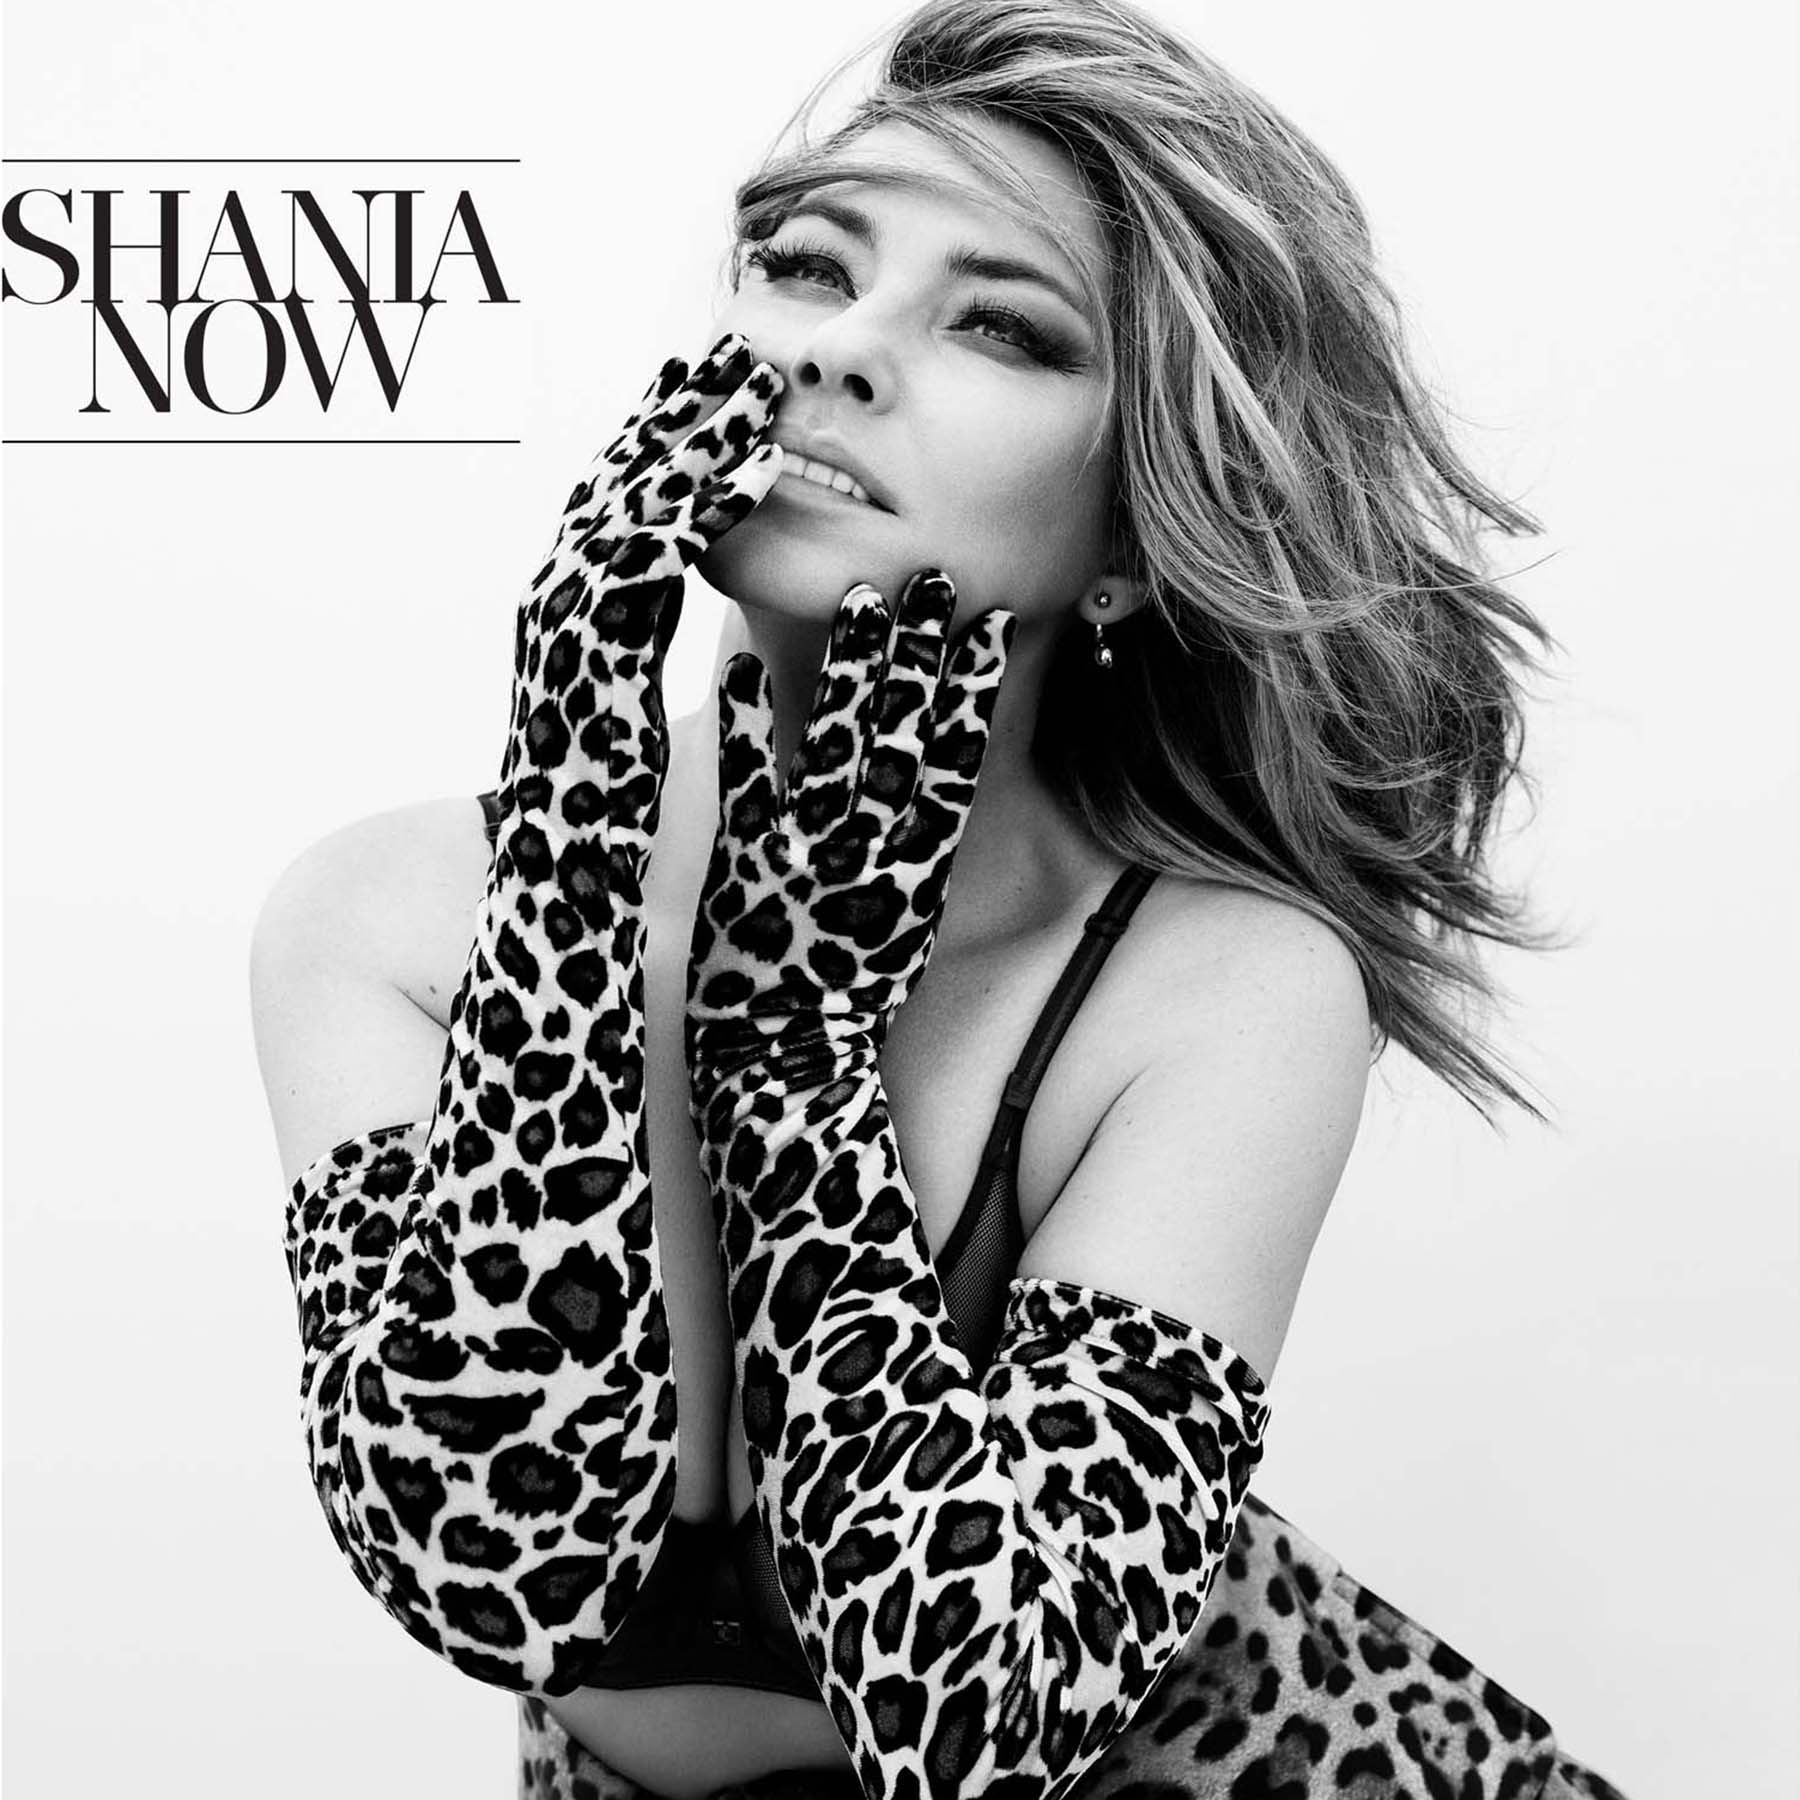 Shania Twain 'NOW' album cover